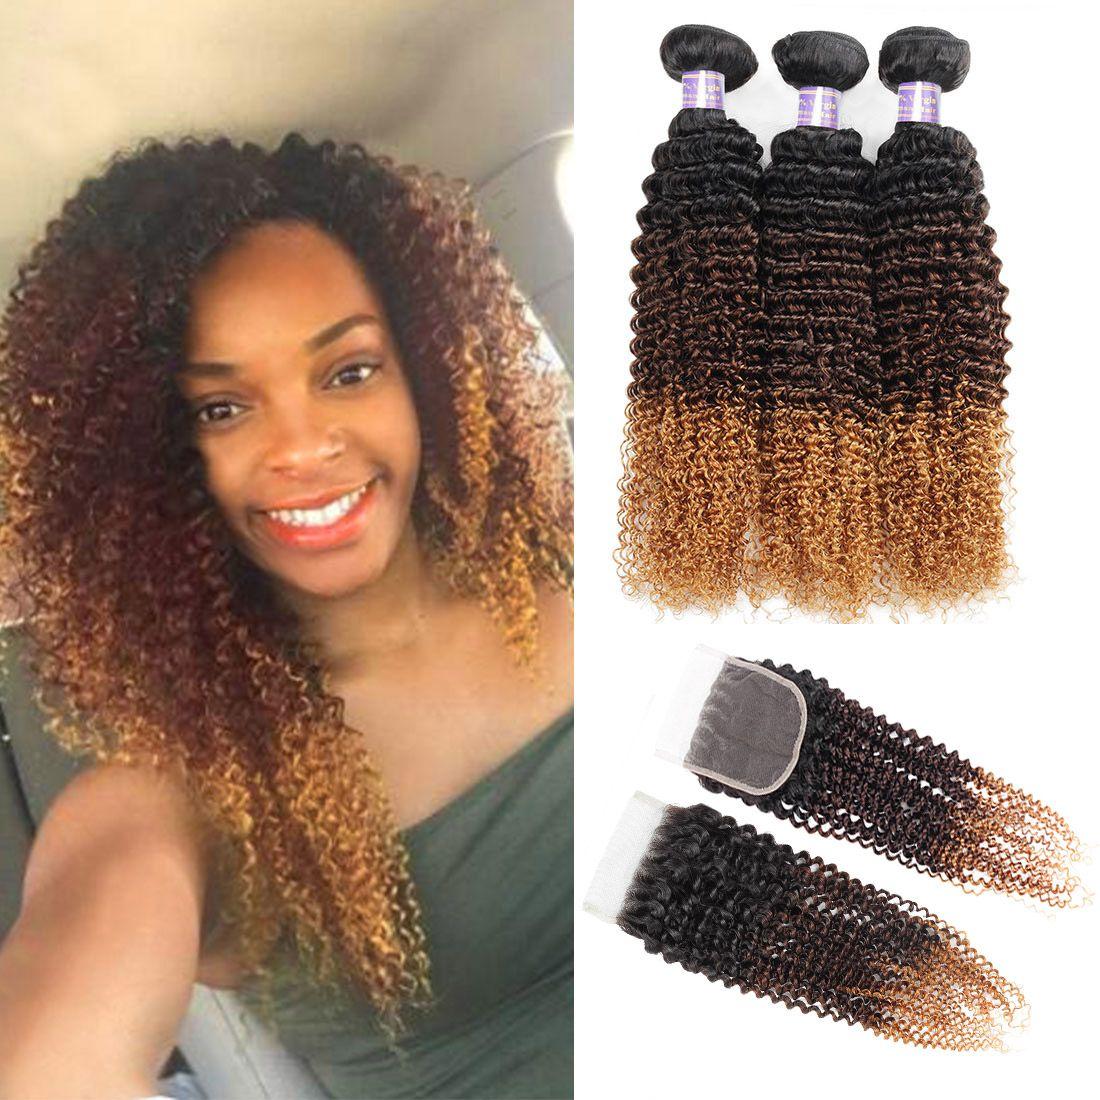 Ombre humaine Bundles Cheveux avec fermeture brésilien cheveux crépus bouclés 1b / 4/30 Weave Human Bundles 3Bundles 3Tone non Remy Hair Extensions